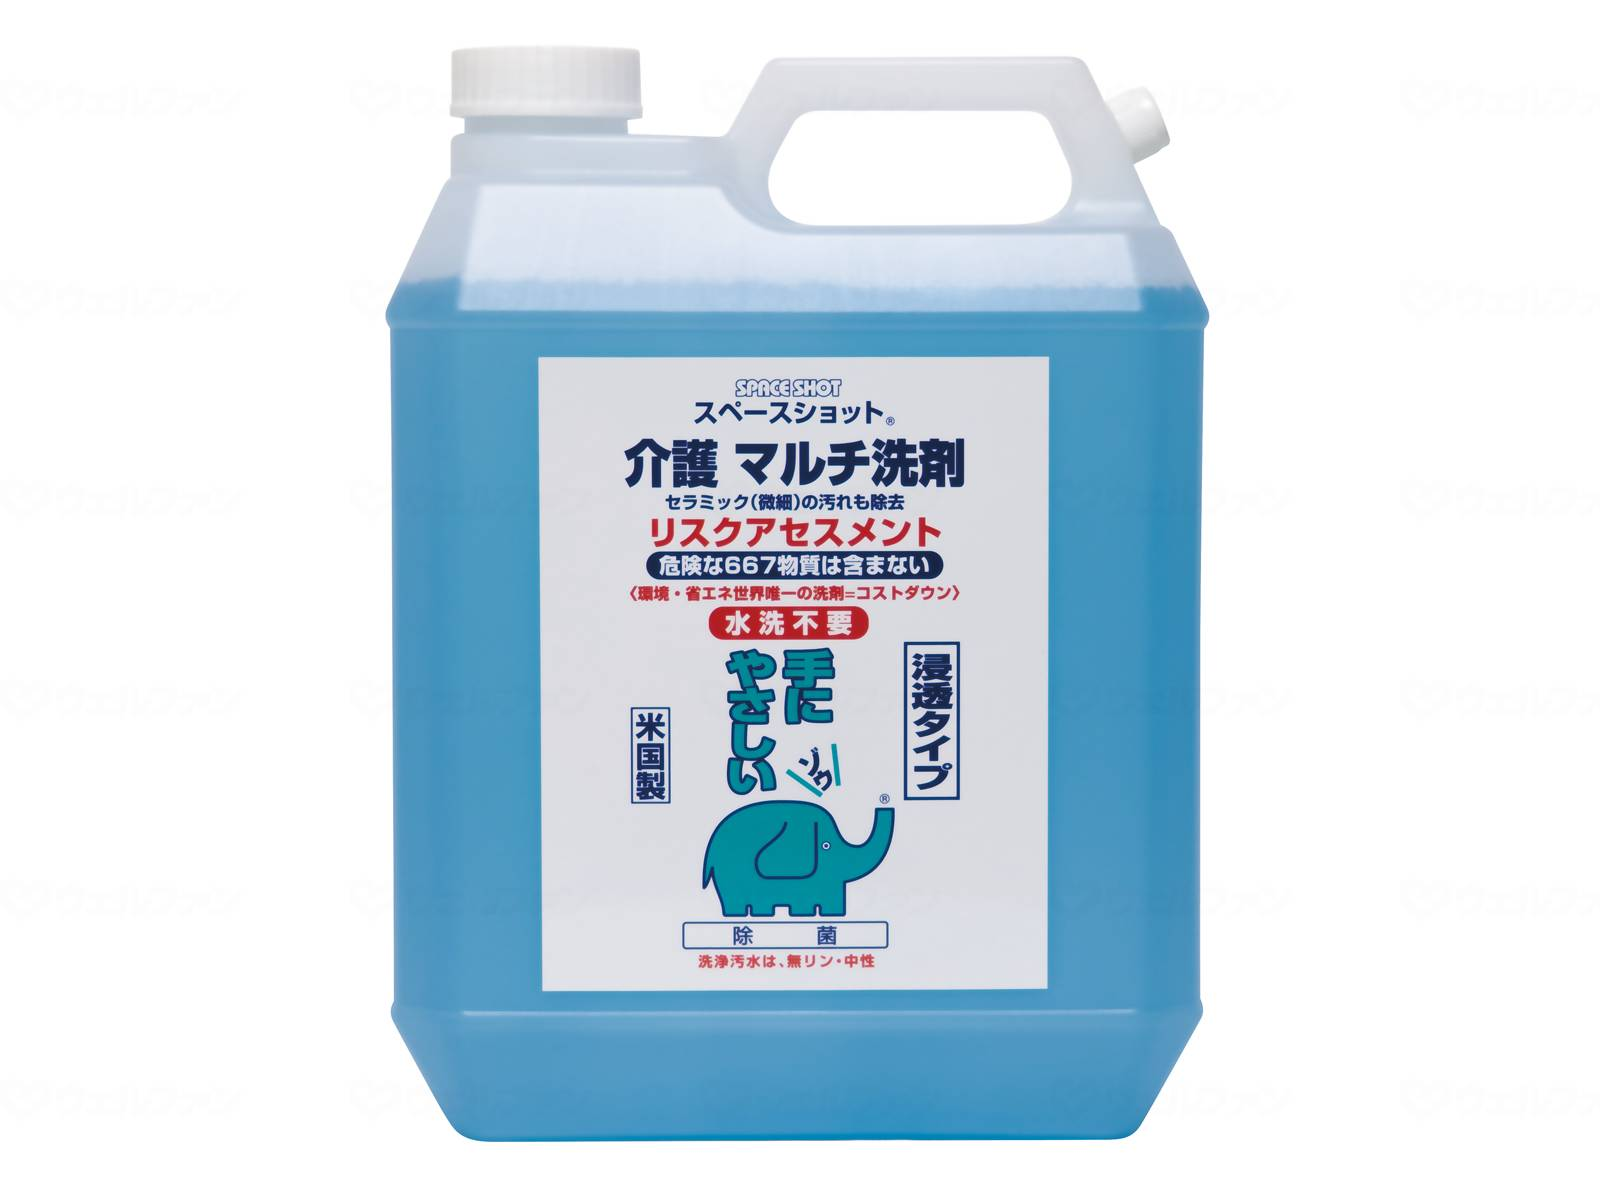 介護用マルチ洗剤 4L 【ケース販売】